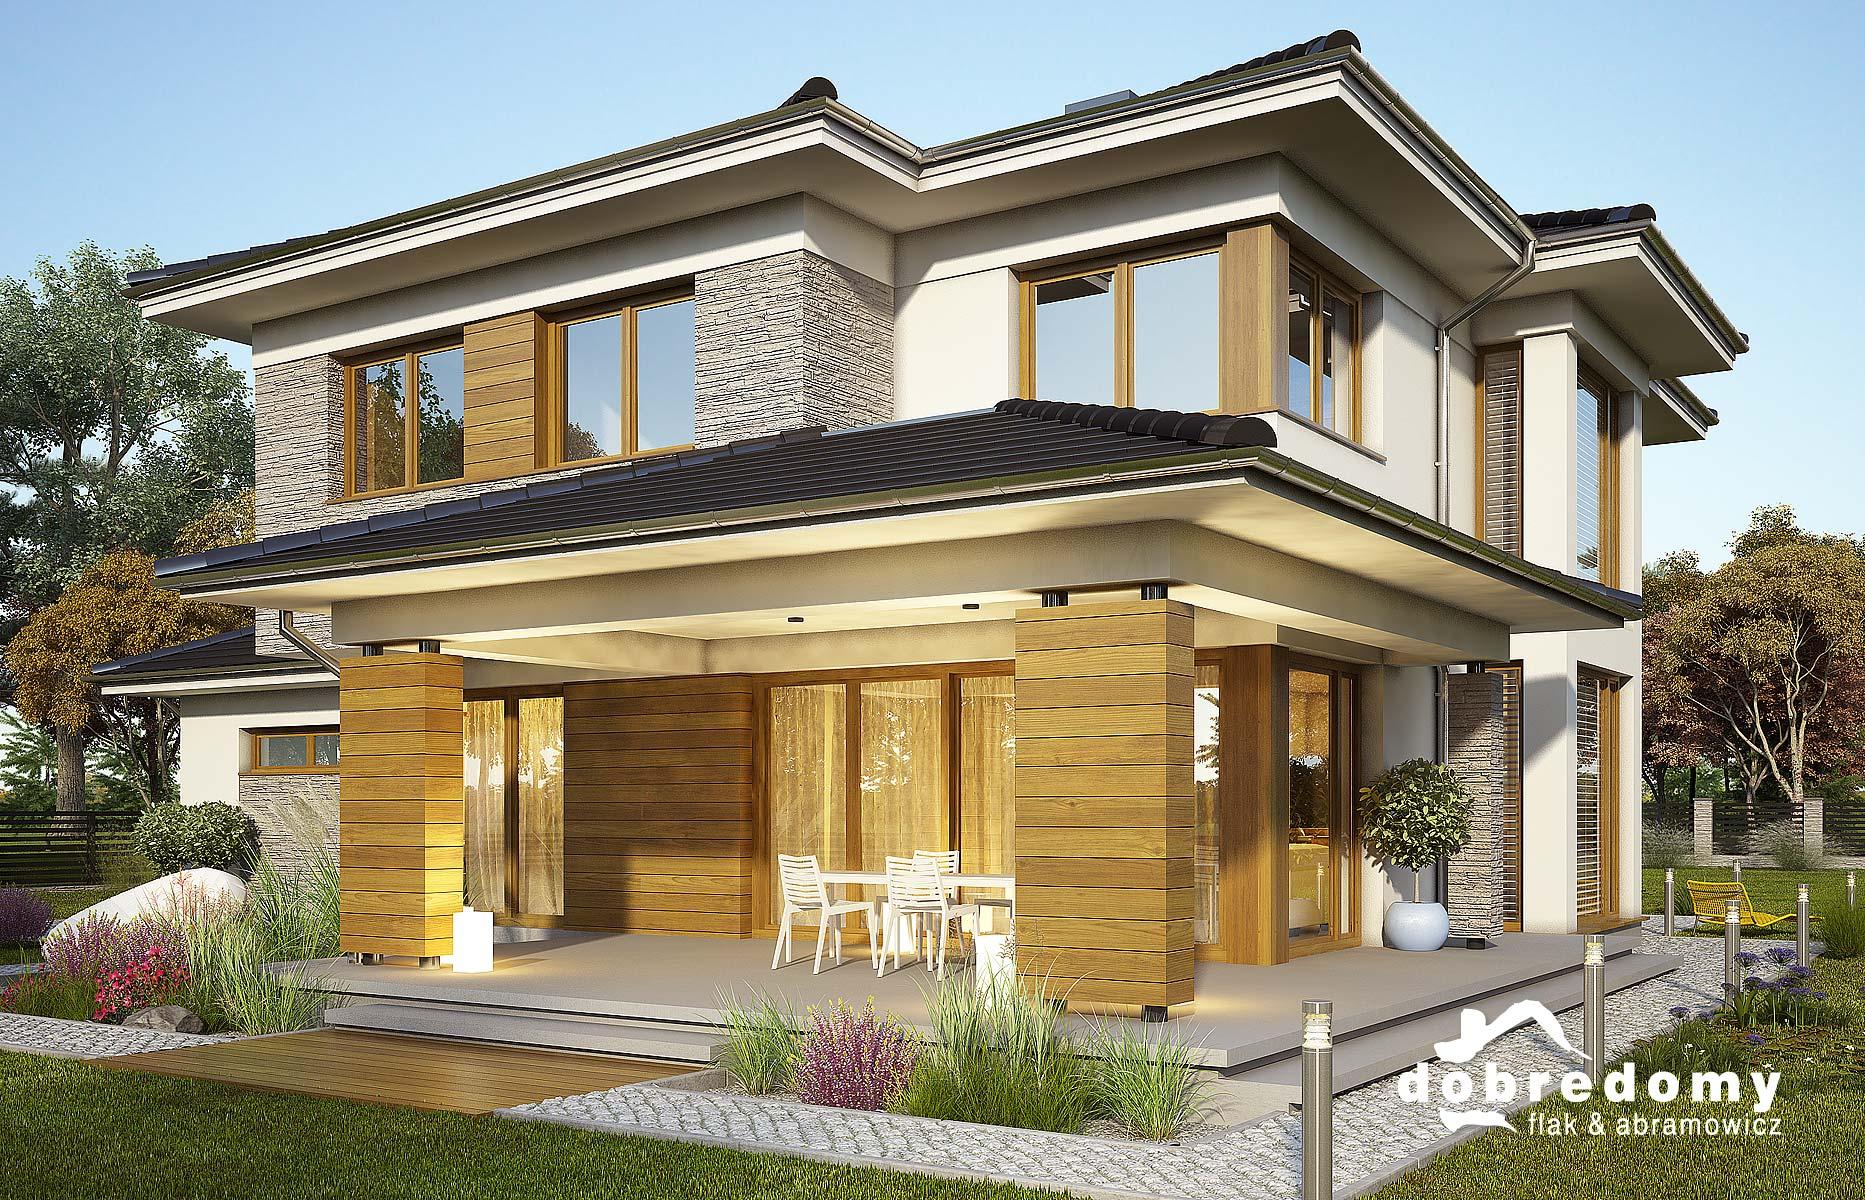 Zadaszenie tarasu i balkonu – najpopularniejsze materiały i sposoby montażu